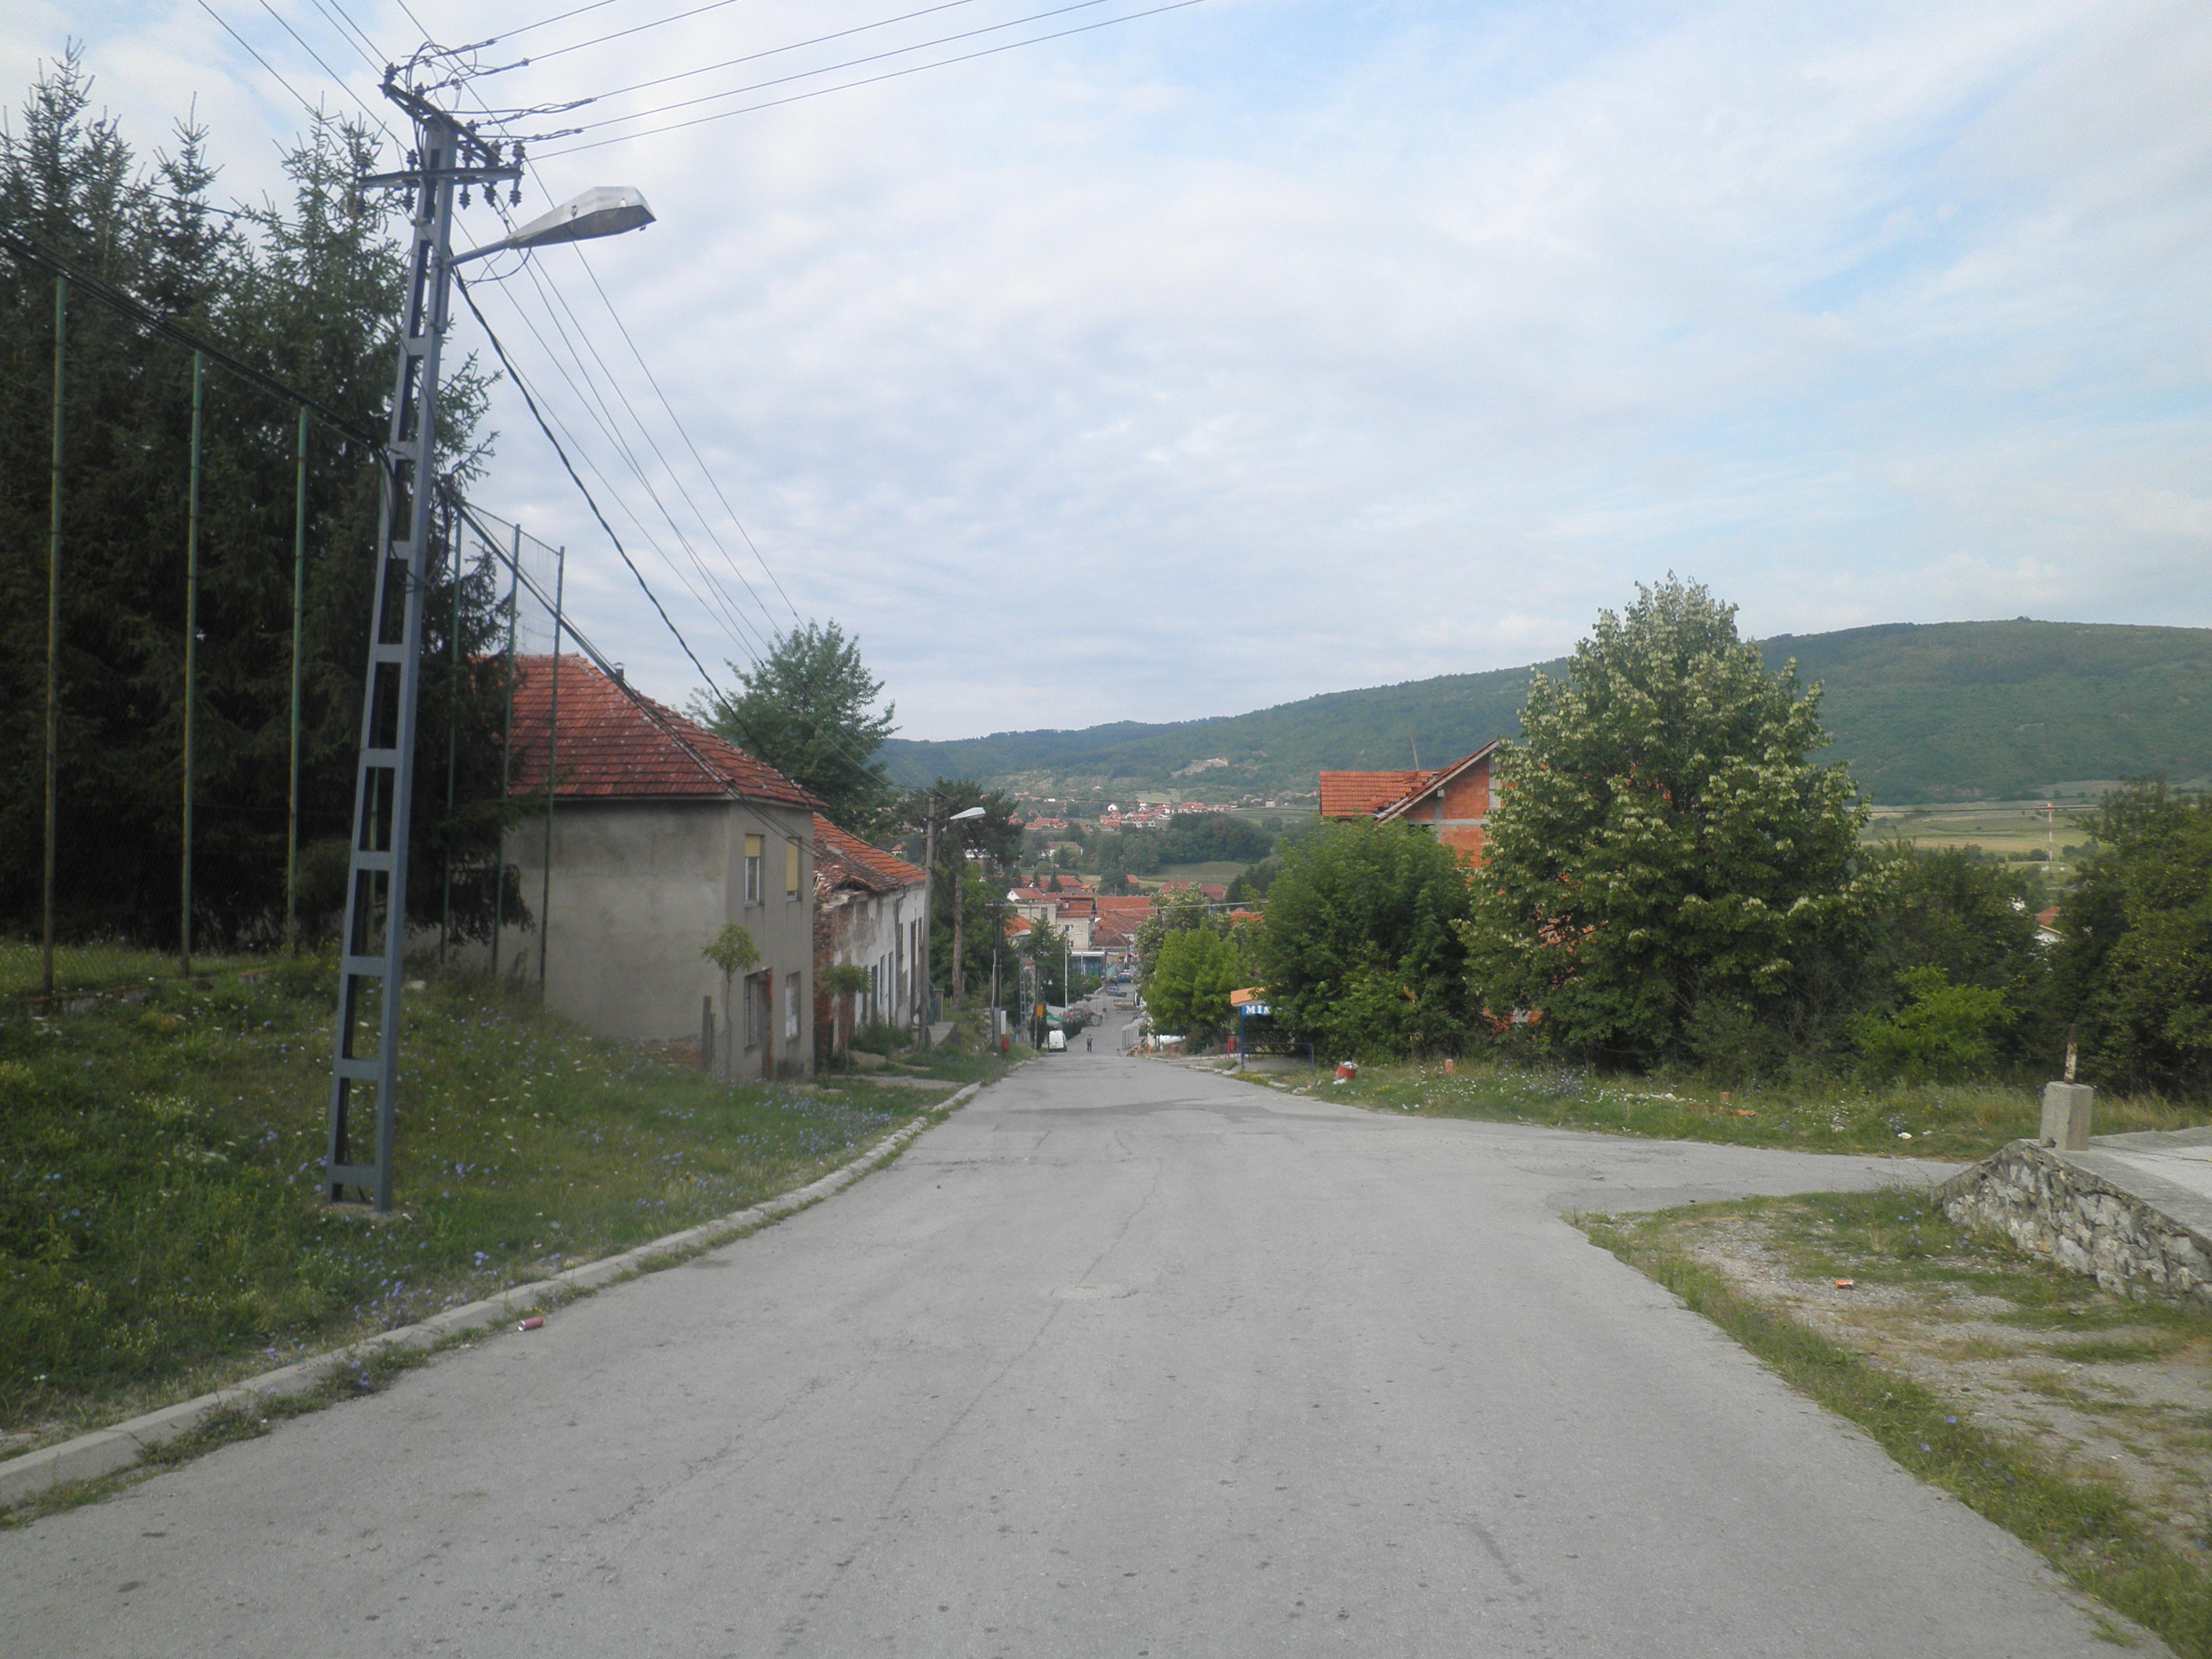 GISMETEO: Vremea în Babušnica pe o lună, prognoza meteo pe 30 de zile, districtul Pirot, Serbia